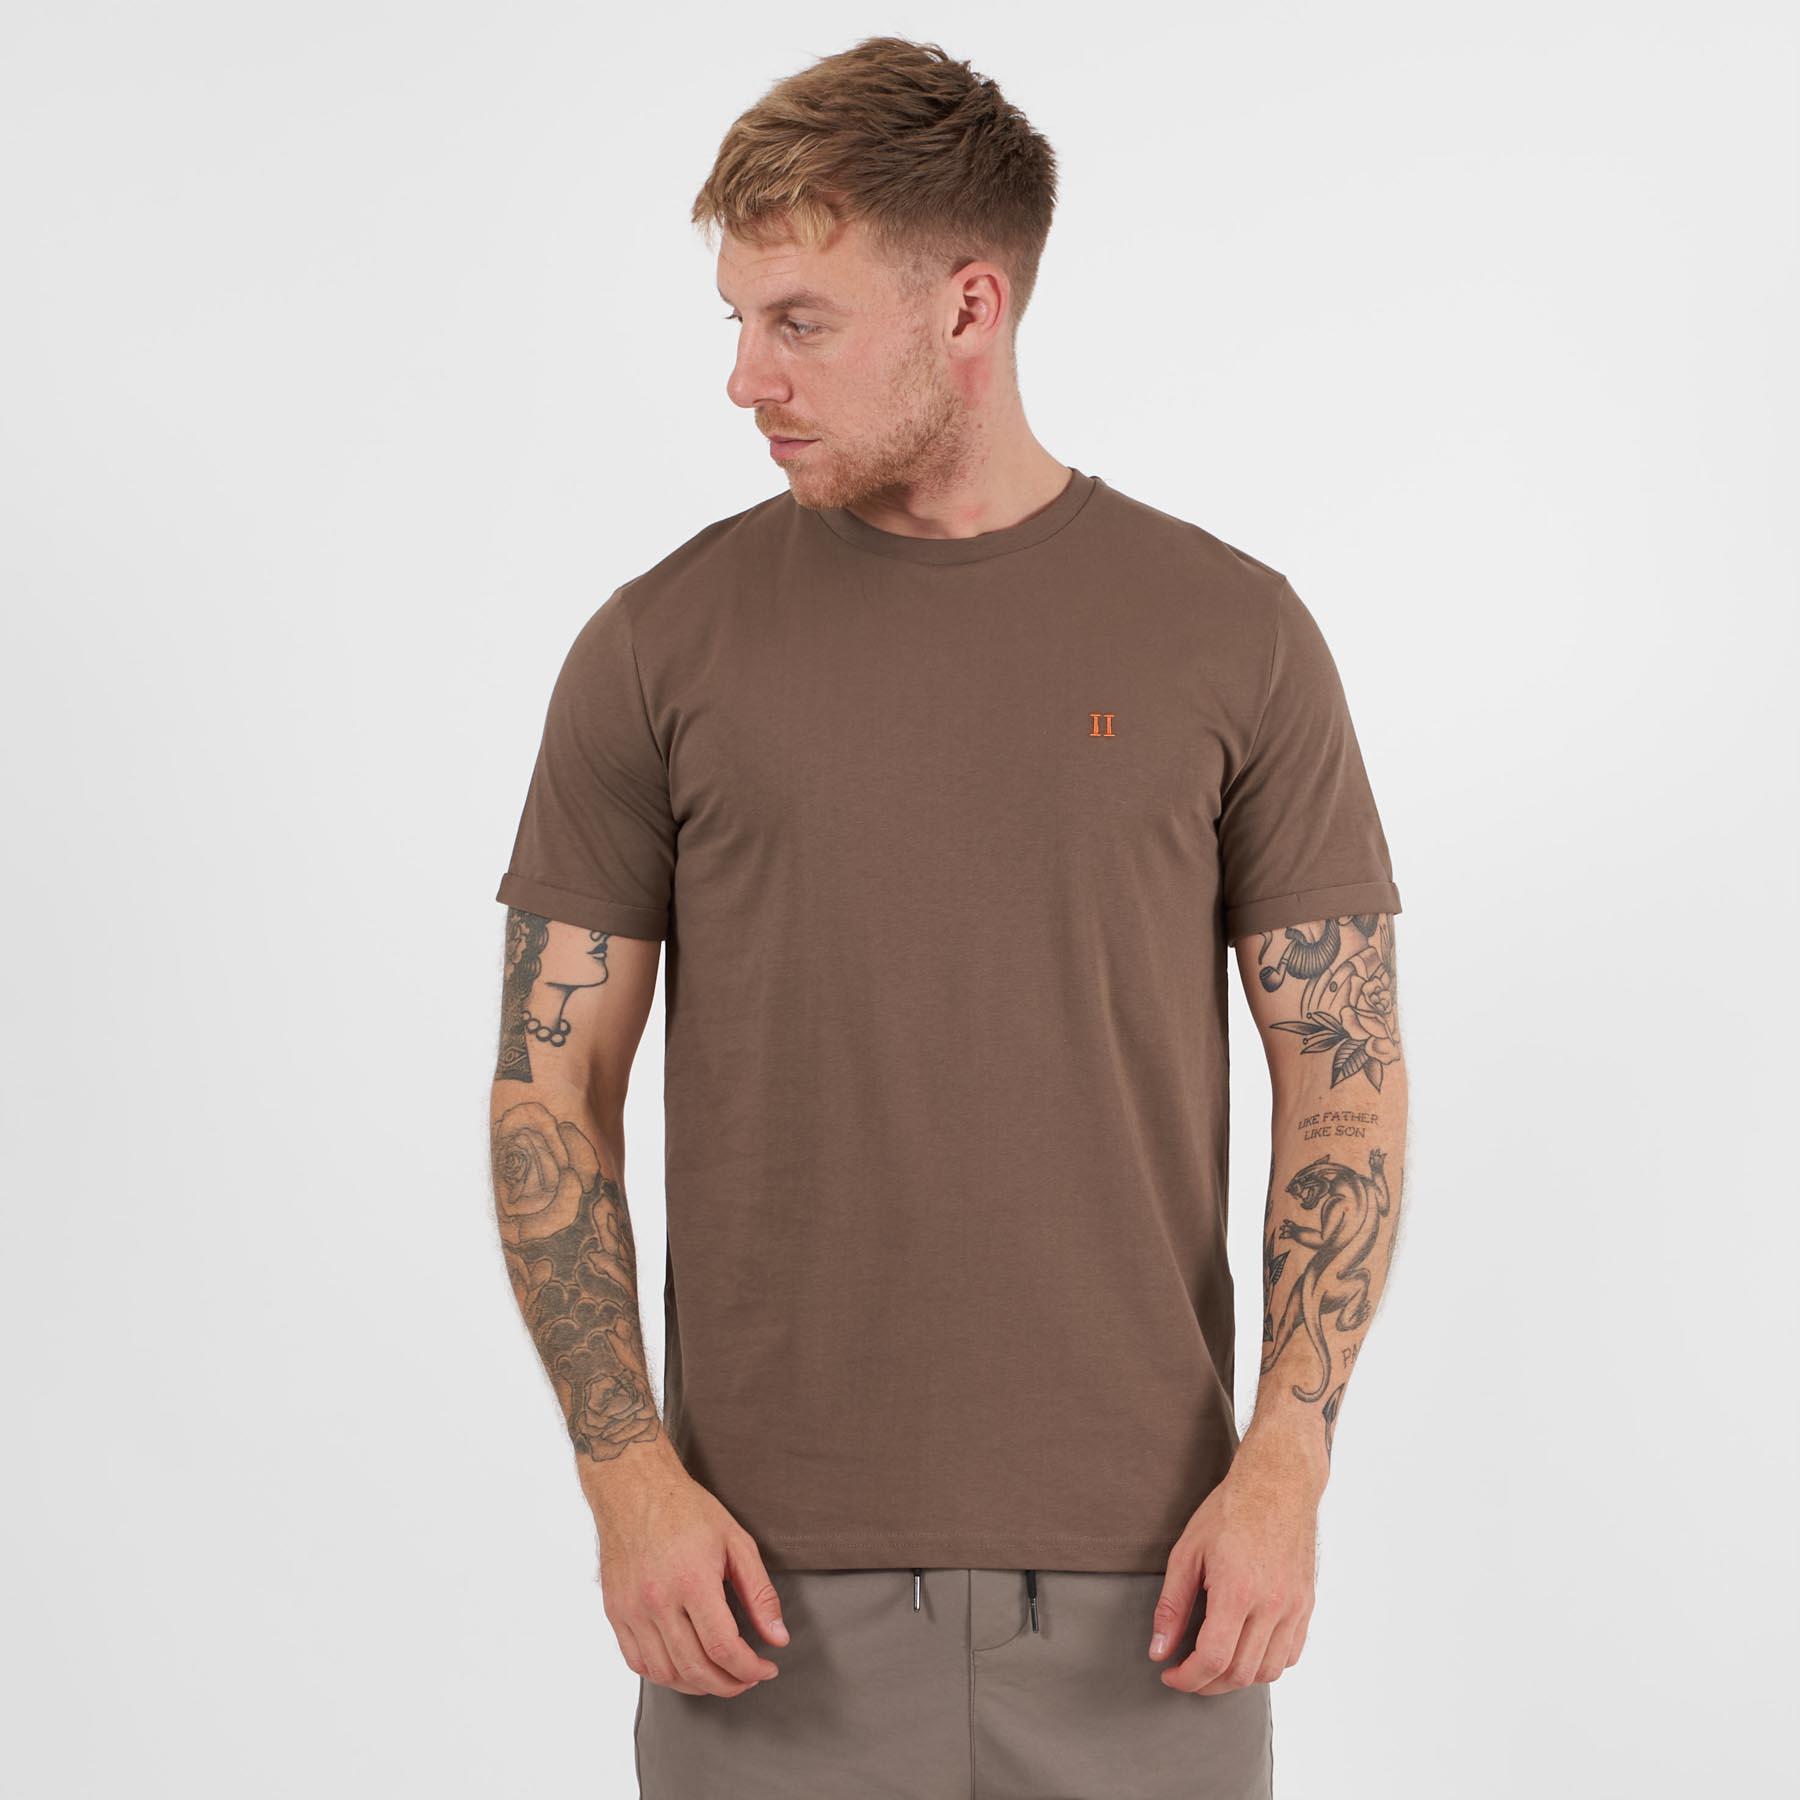 Les Deux - Nørregaard t-shirt - T-shirts til mænd - Brun - S